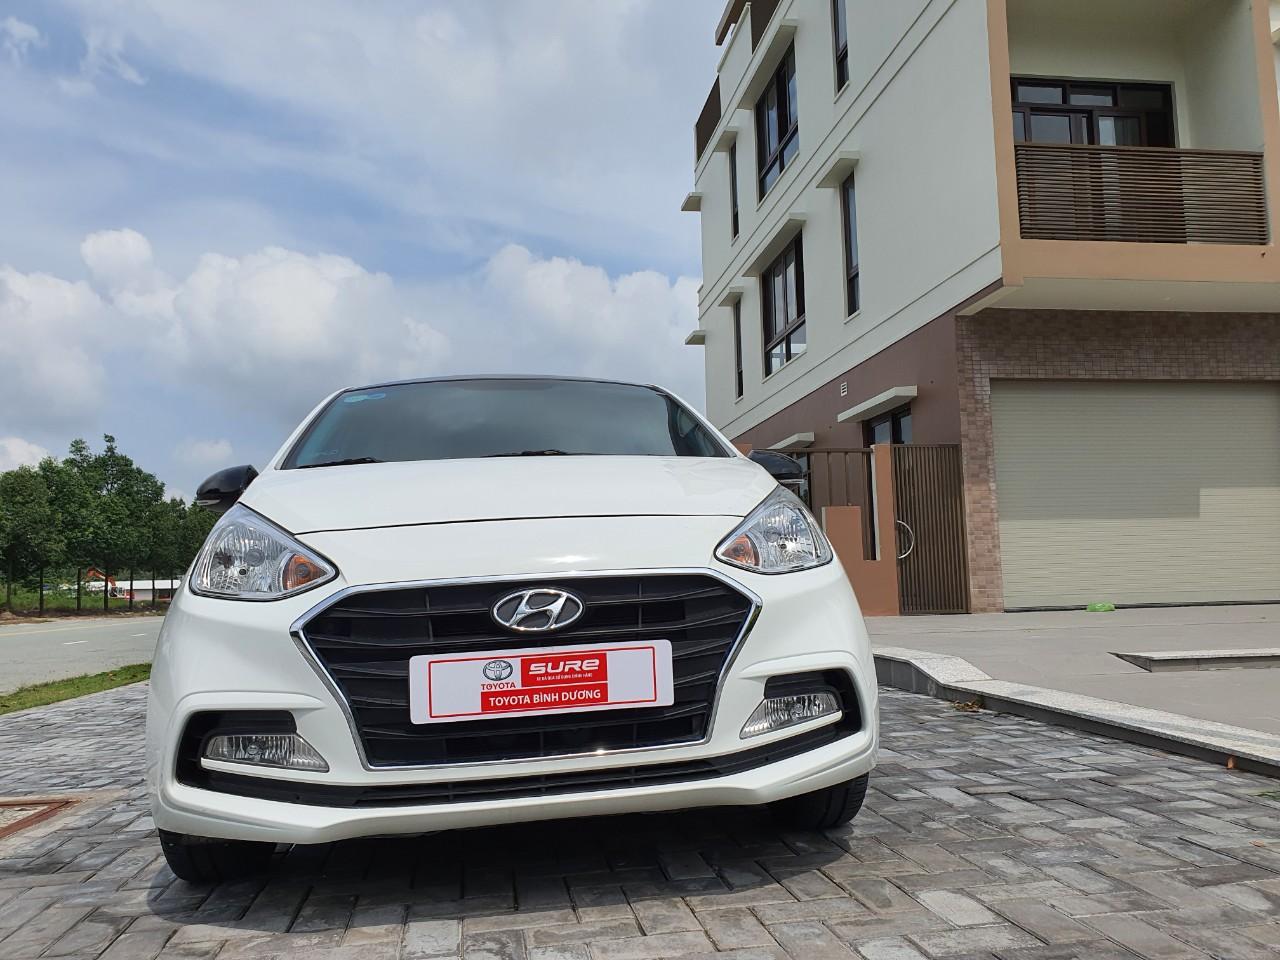 Hyundai I10 Sedan Số Tự Động - Xe Rộng Nội Thất Đẹp